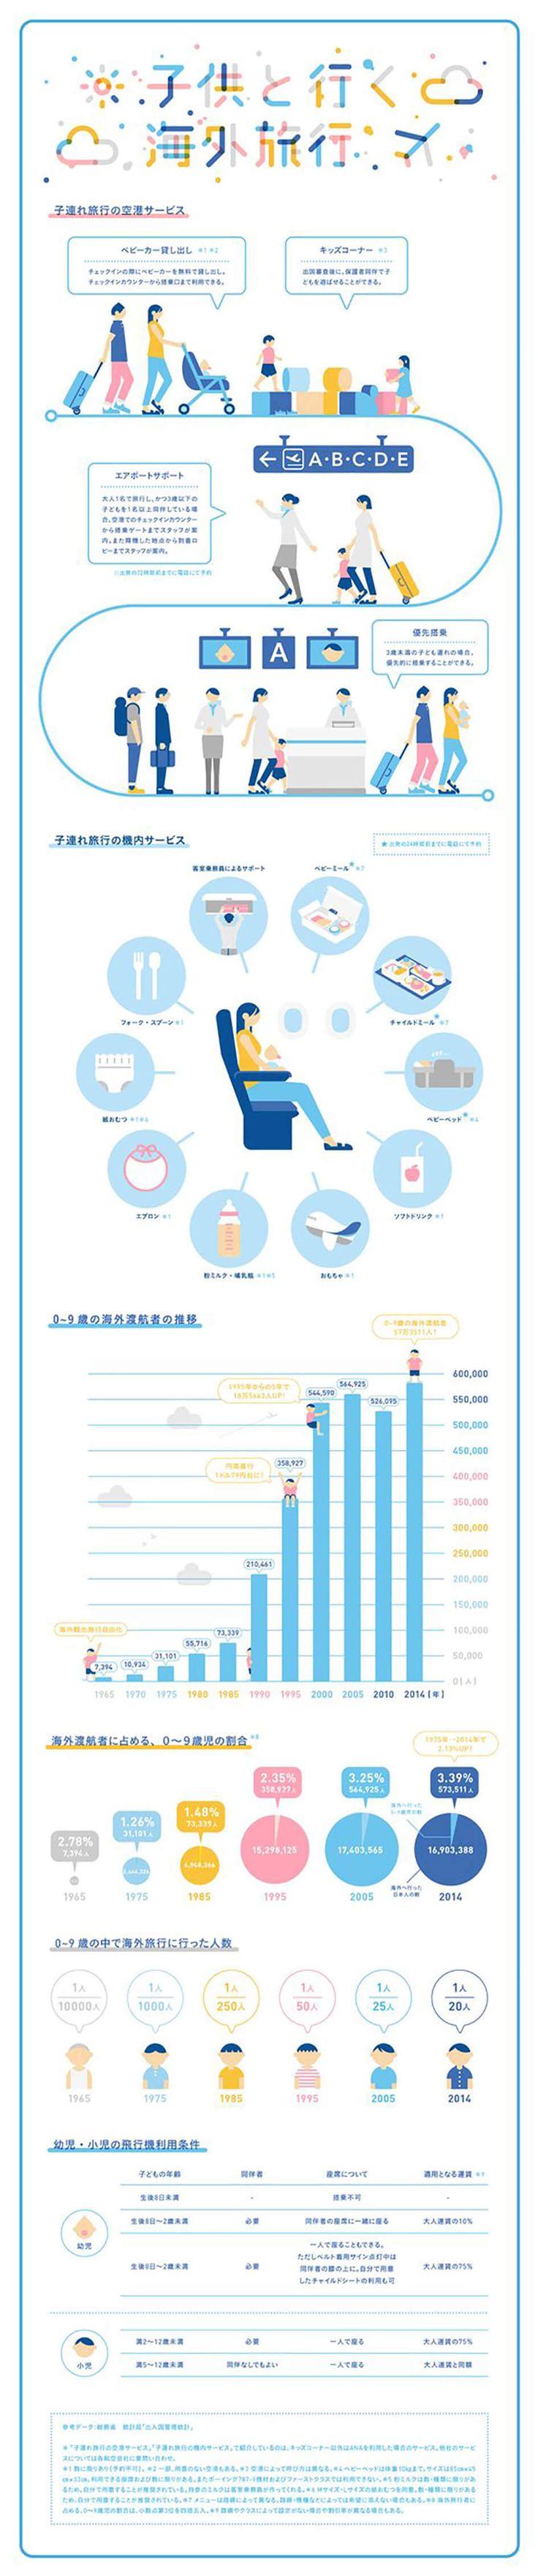 全日本空輸株式会社様の「子供と行く海外旅行」のランディングページ(LP)マンガ使用系|旅行・アウトドア #LP #ランディングページ #ランペ #子供と行く海外旅行